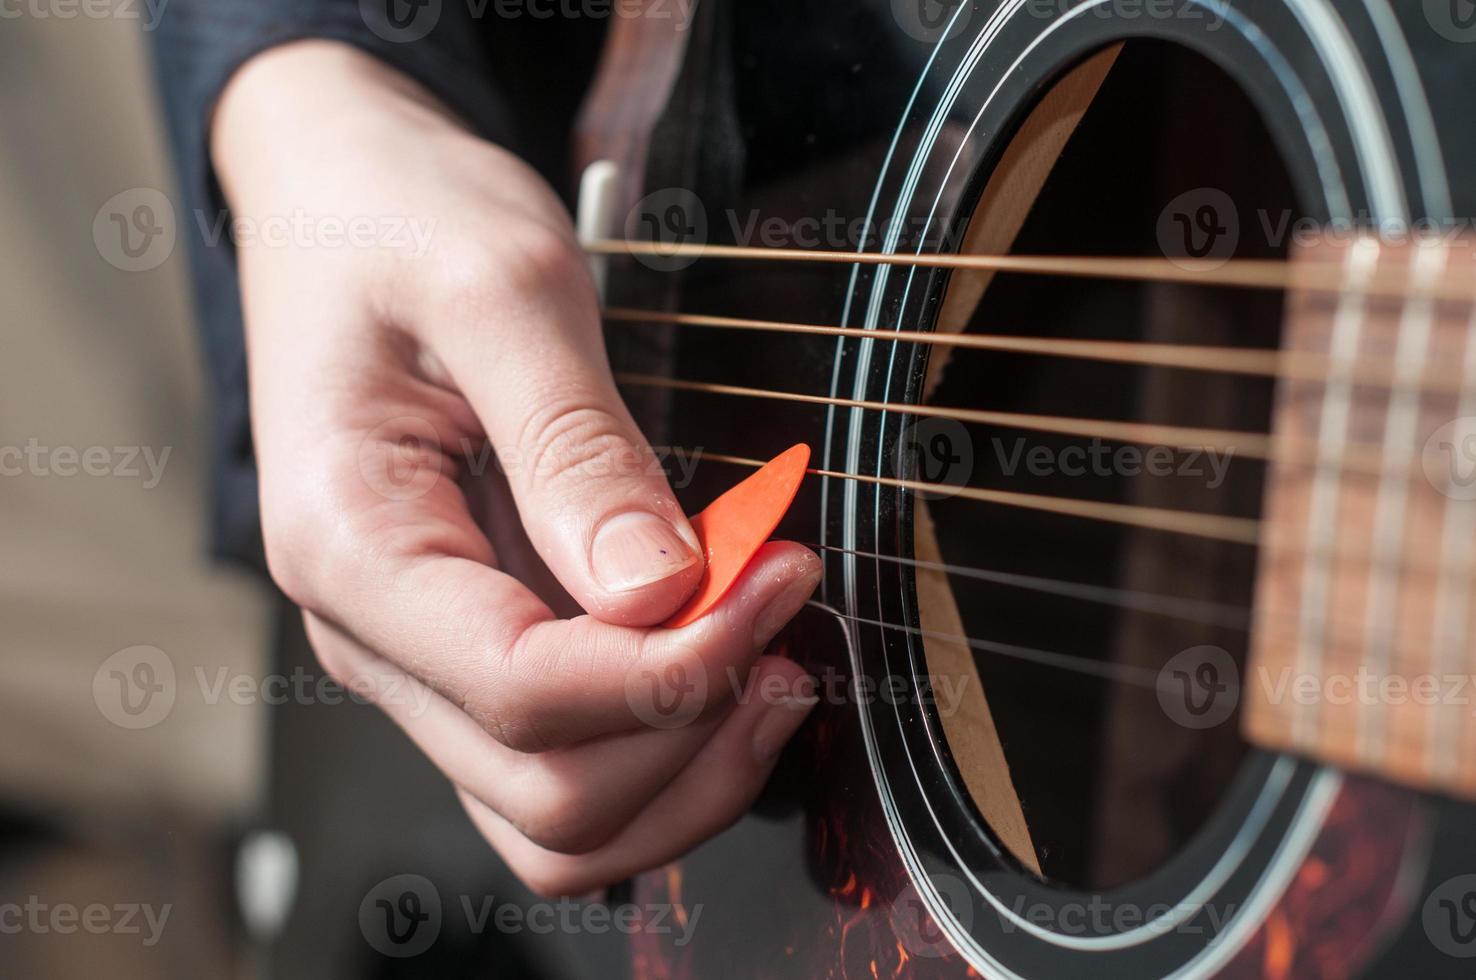 vrouwelijke hand akoestische gitaar spelen foto